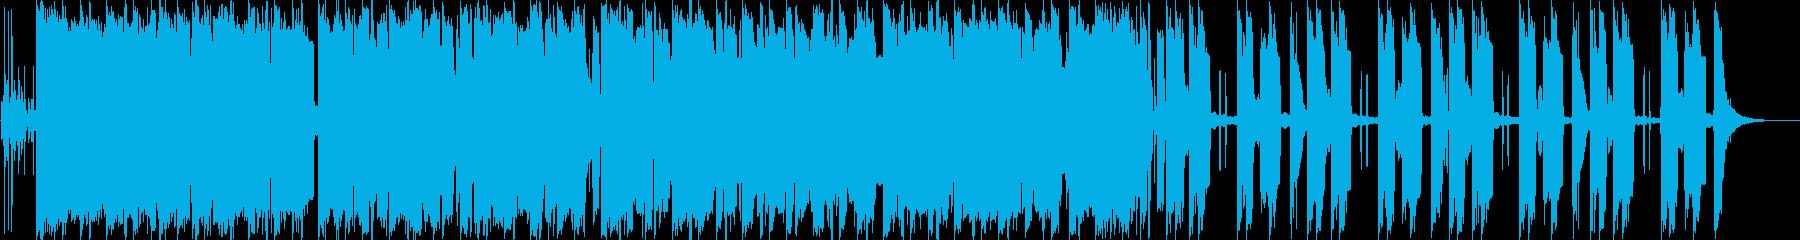 軽快かつコミカルの再生済みの波形